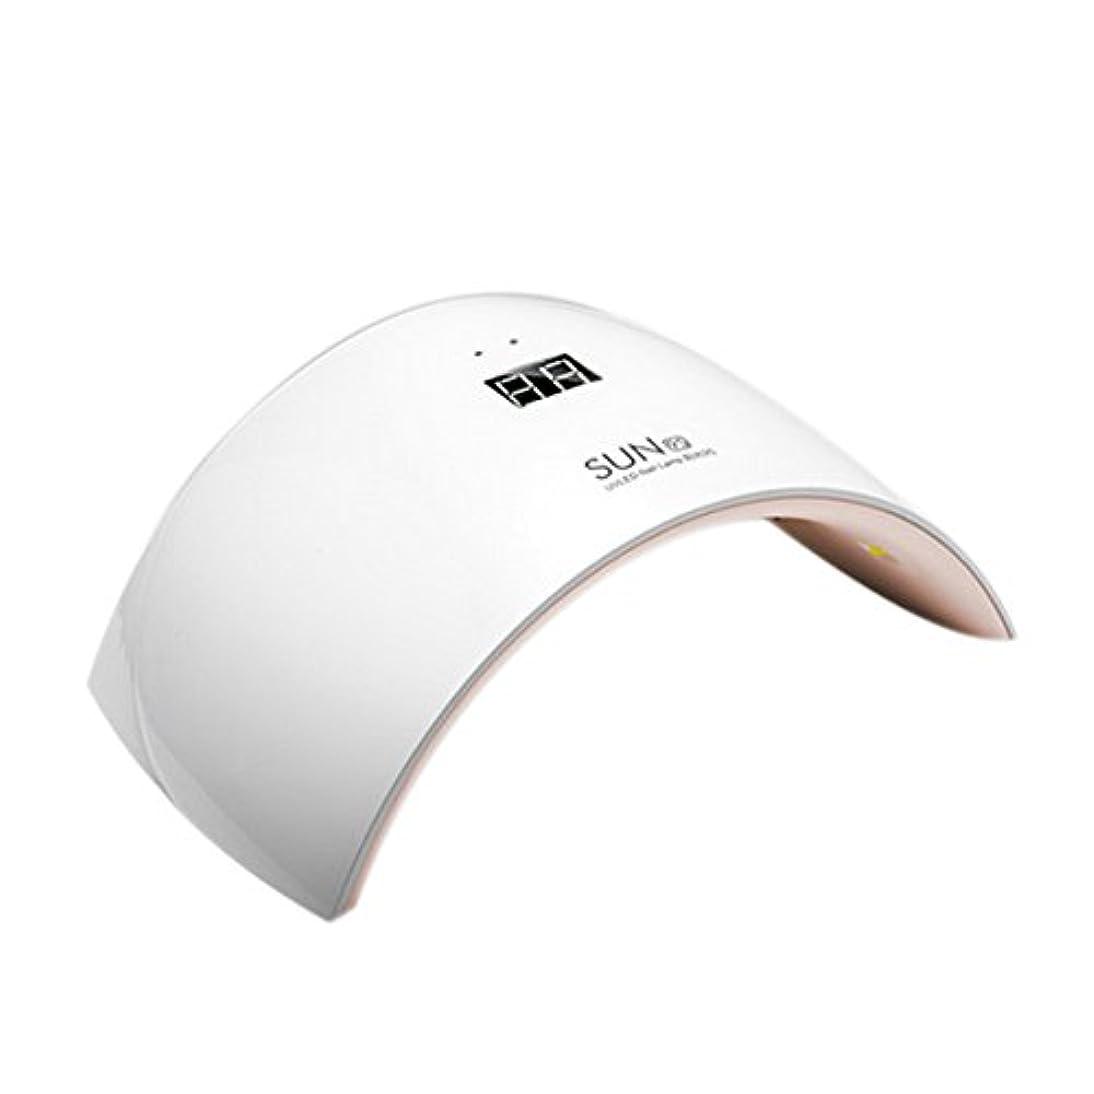 深さ企業シールドSymboat ネイルアートツール 24W ネイルドライヤー ライト付き ボトム液晶 ディスプレイ 硬化用UVライト led ランプ爪トゥール ネイルジェル ベース ポリッシュ 4段階タイマー設定時間設定10S/30S/...